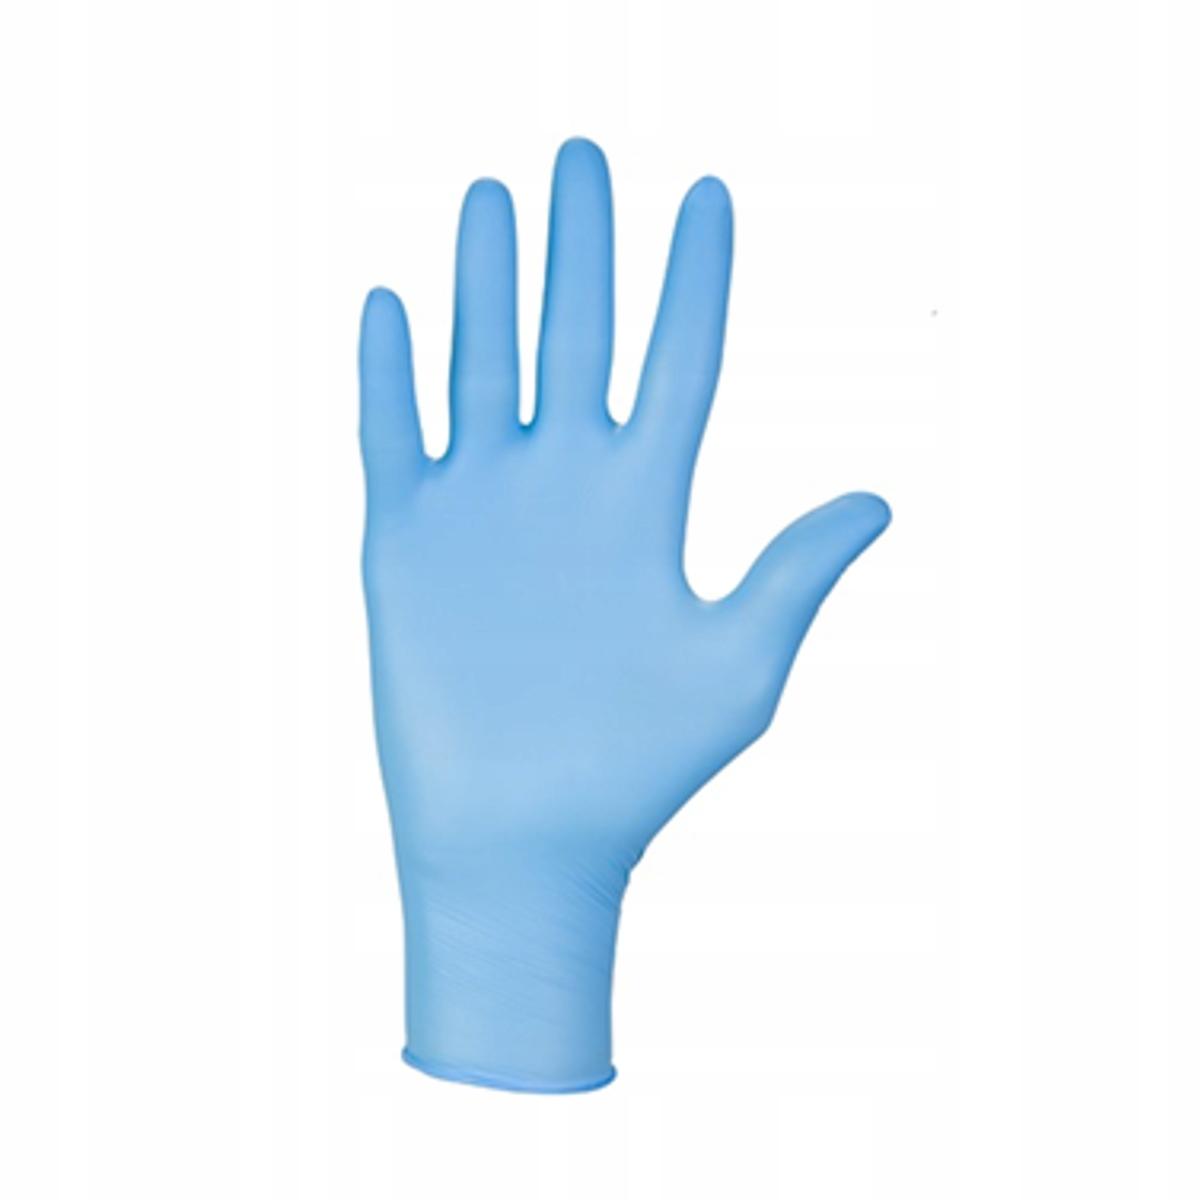 Rękawice hybrydowe hybrid+ niebieskie roz M 100szt Rodzaj winylowe